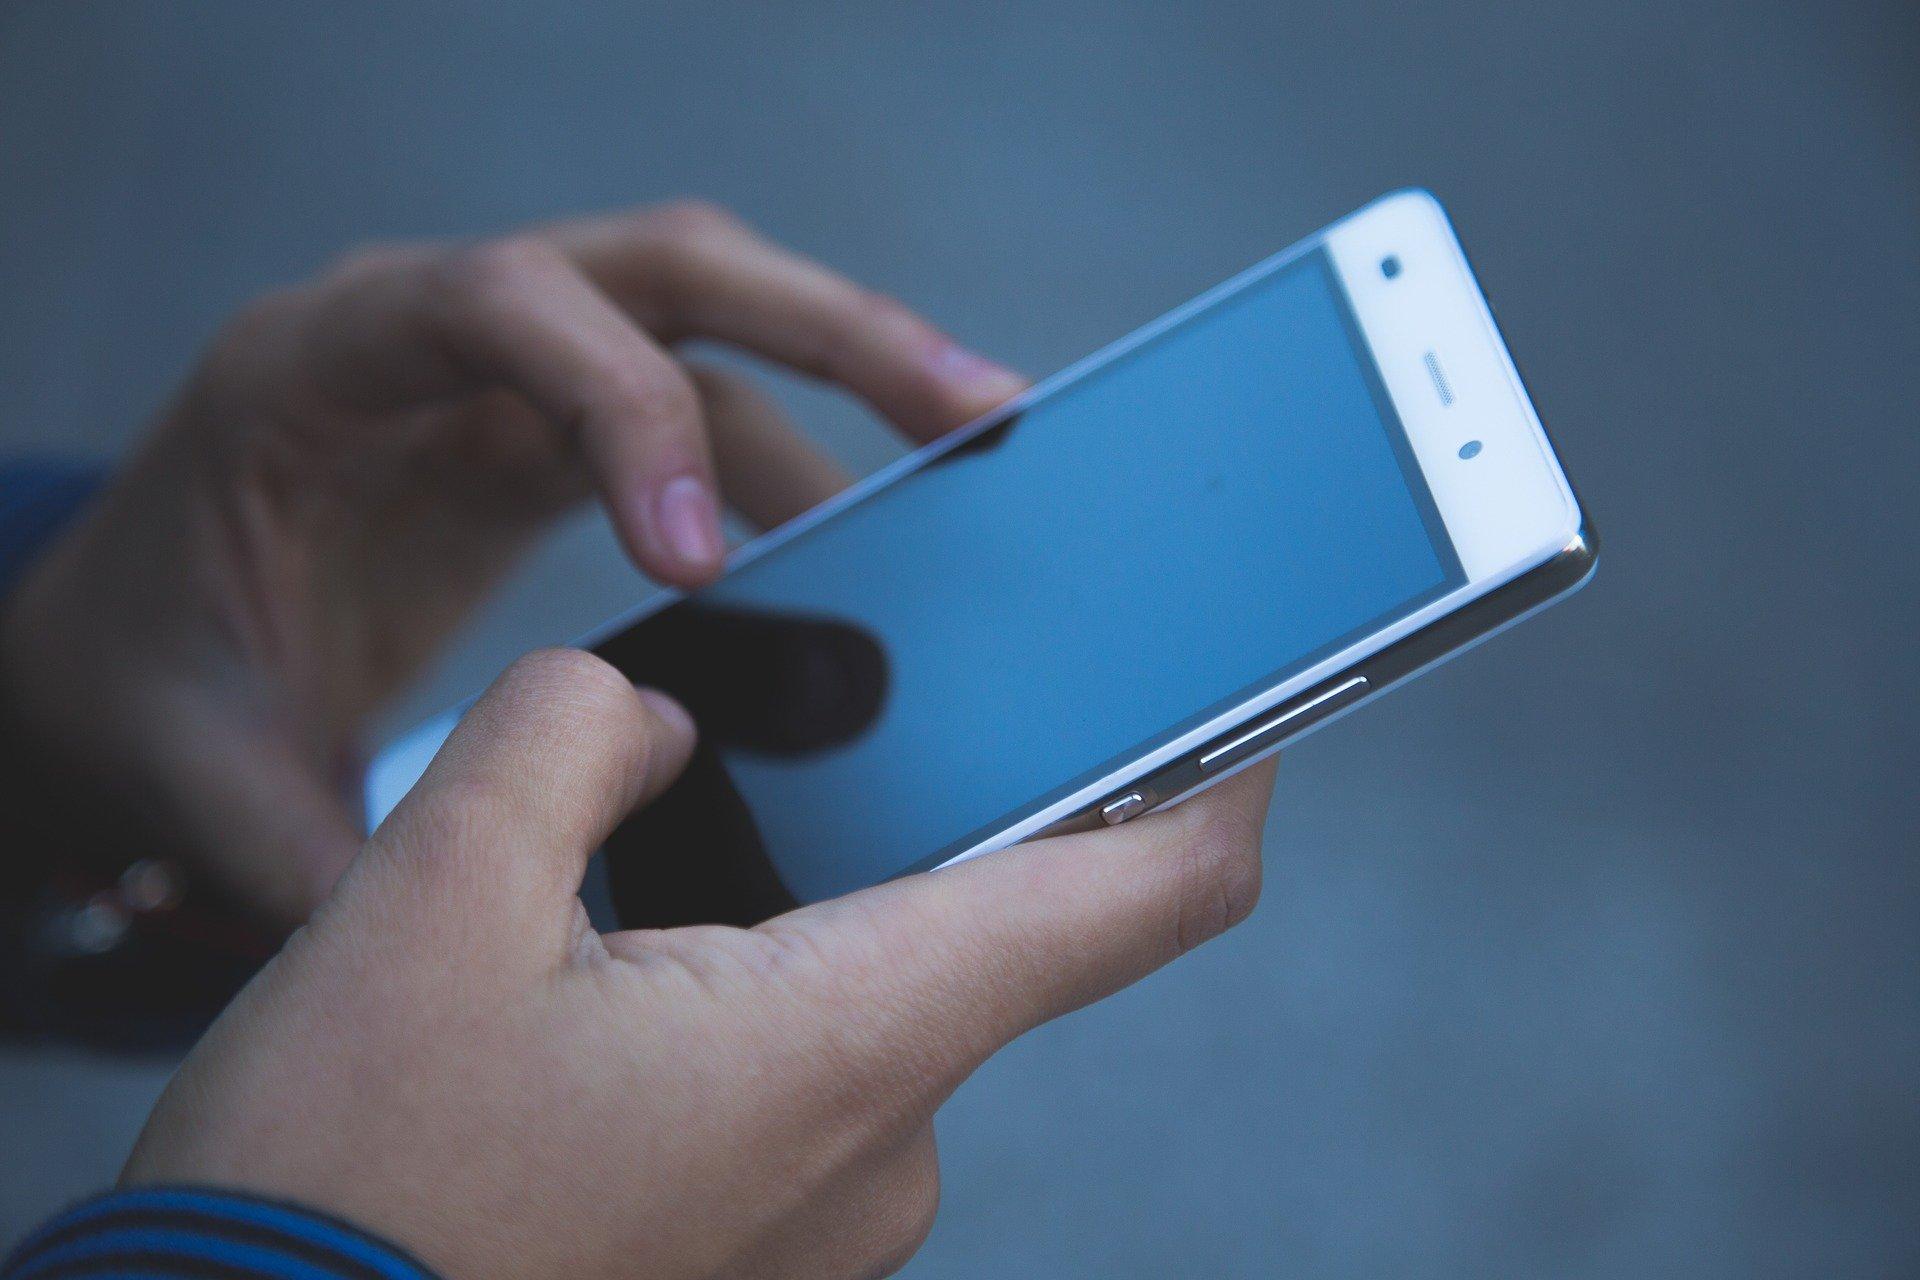 Imagem mostra uma pessoa segurando um celular.